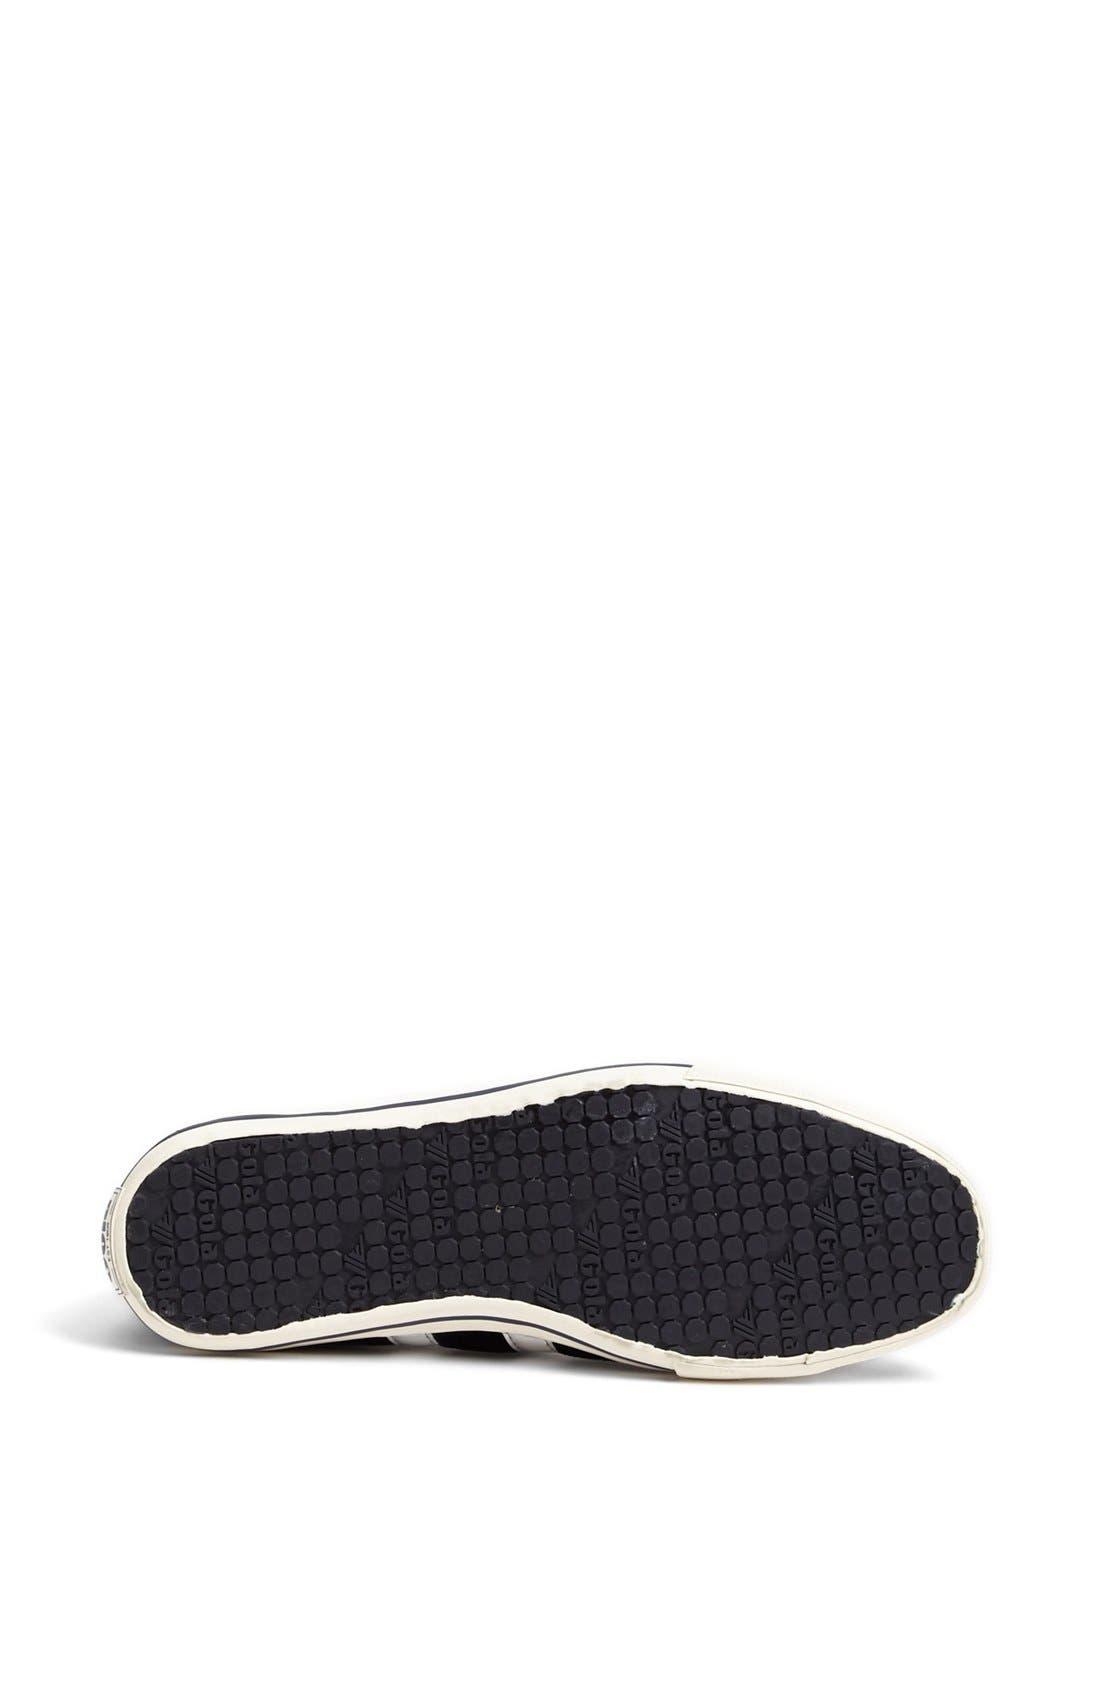 Alternate Image 4  - Gola 'Quota' Sneaker (Women)